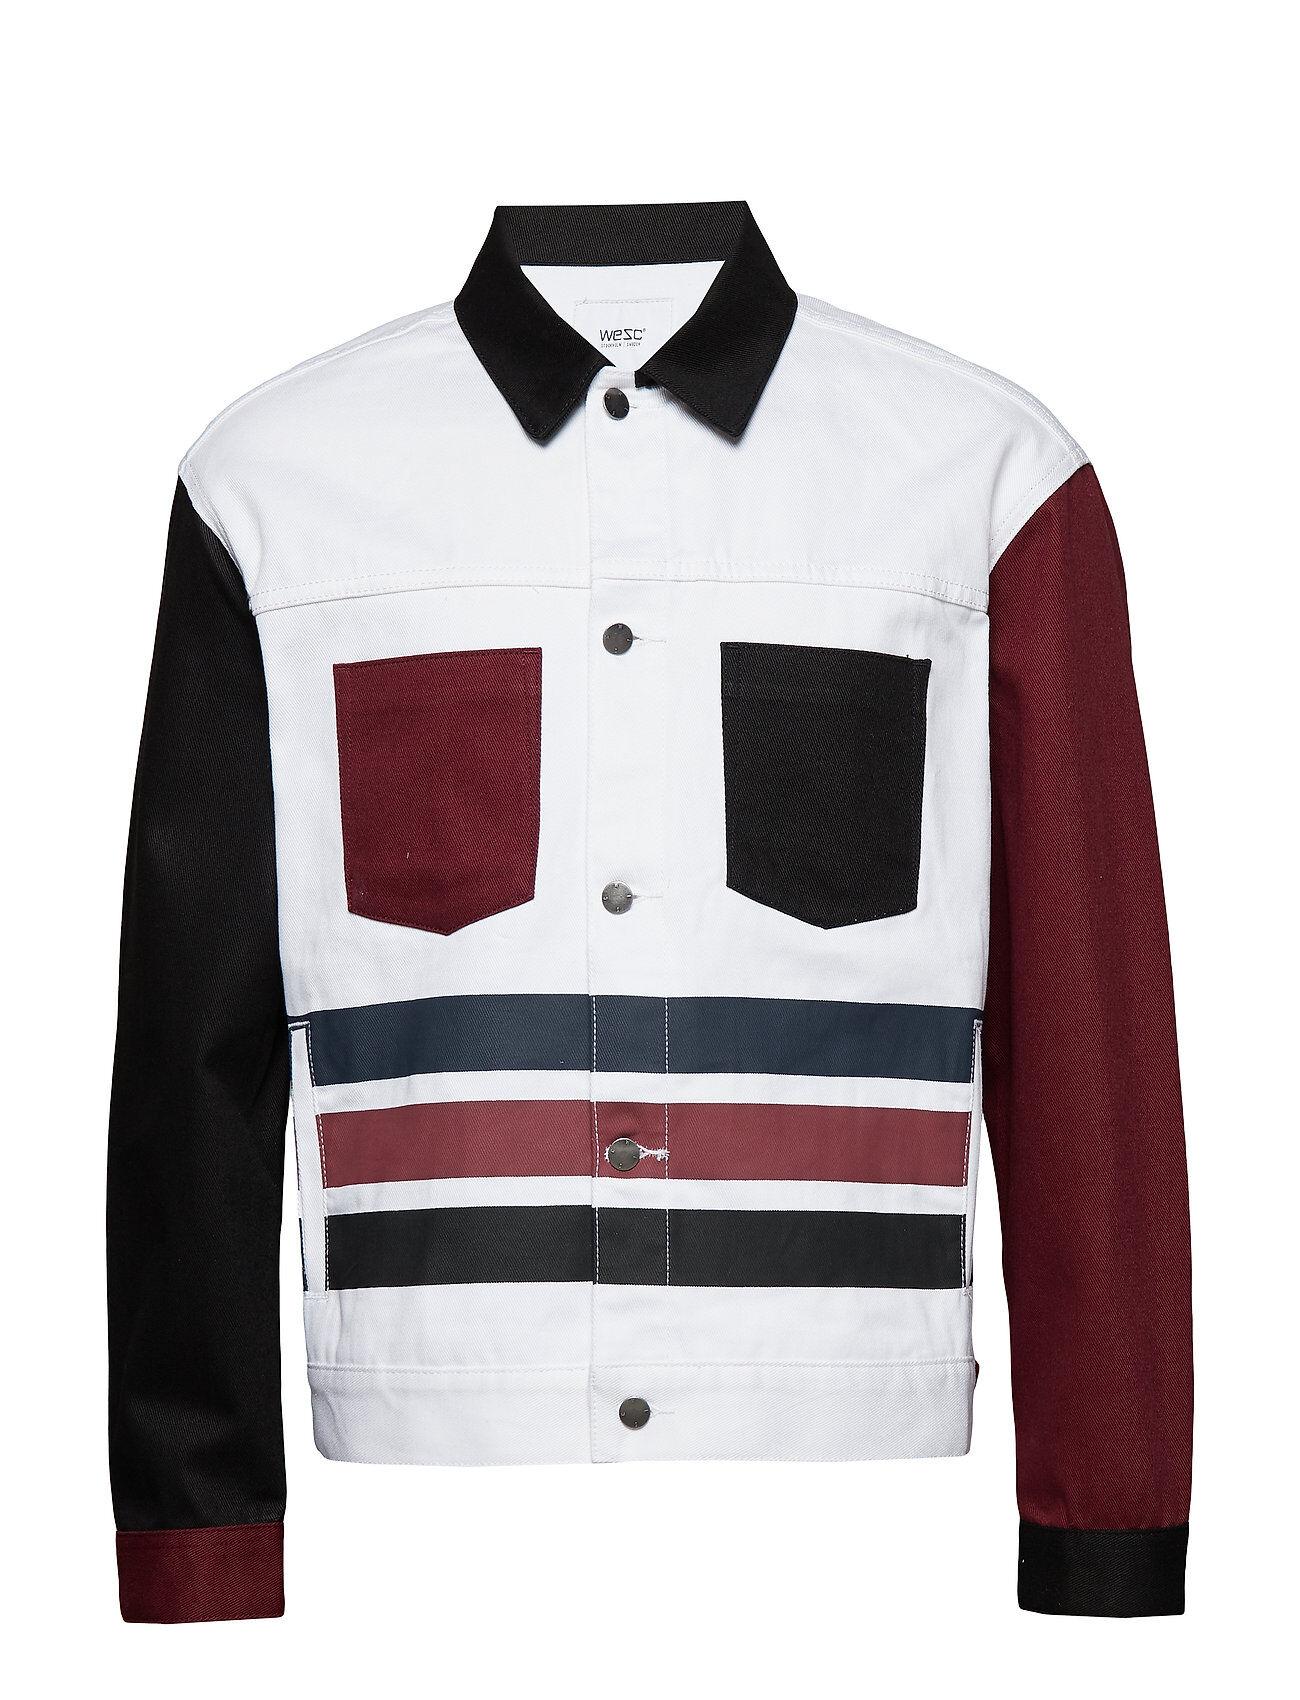 WeSC Calypso Denim Jacket Farkkutakki Denimtakki Monivärinen/Kuvioitu WeSC